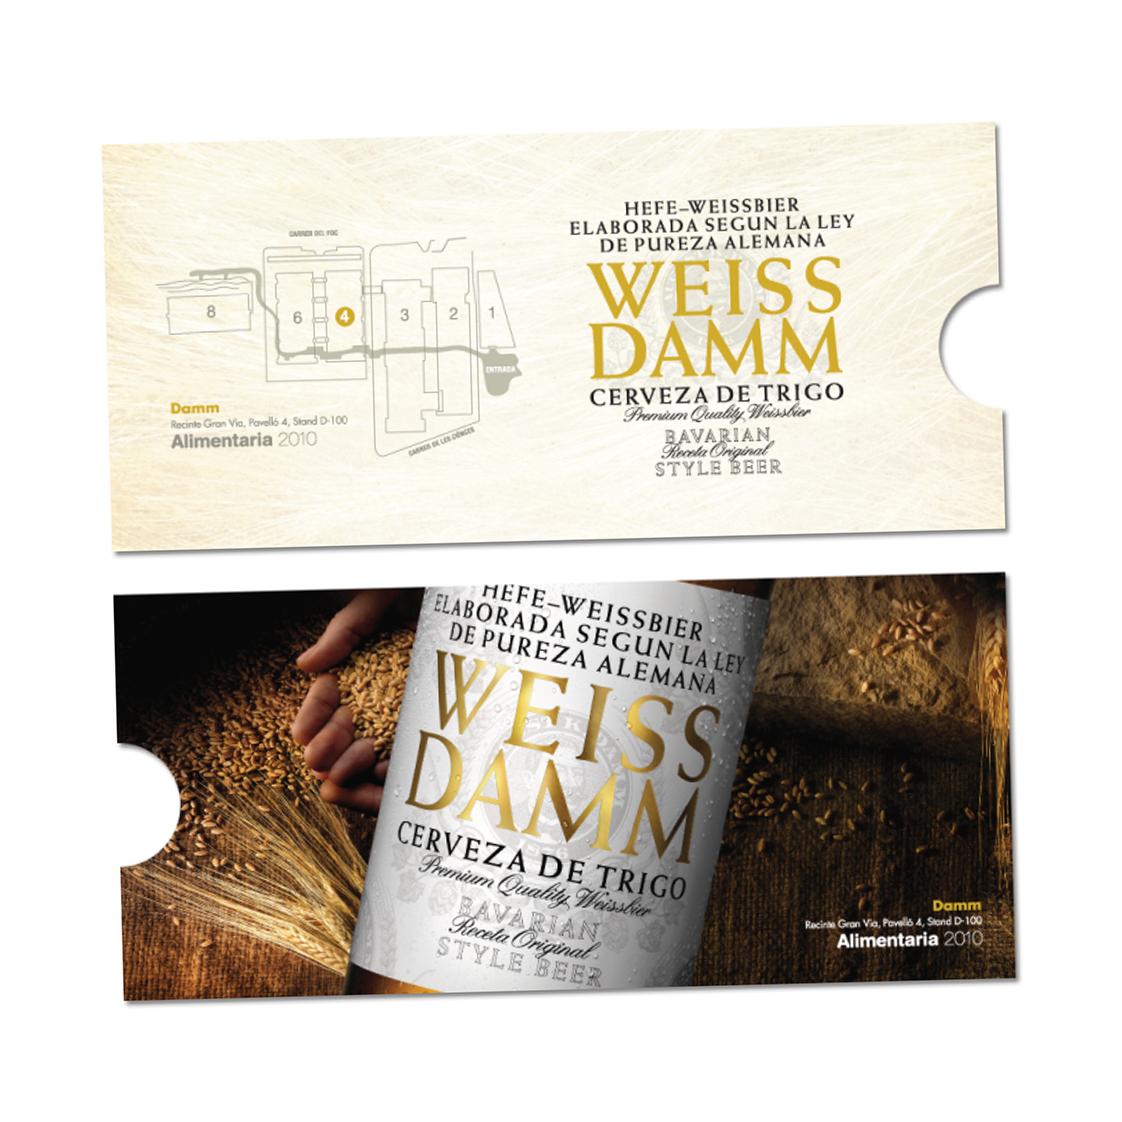 Weiss Damm